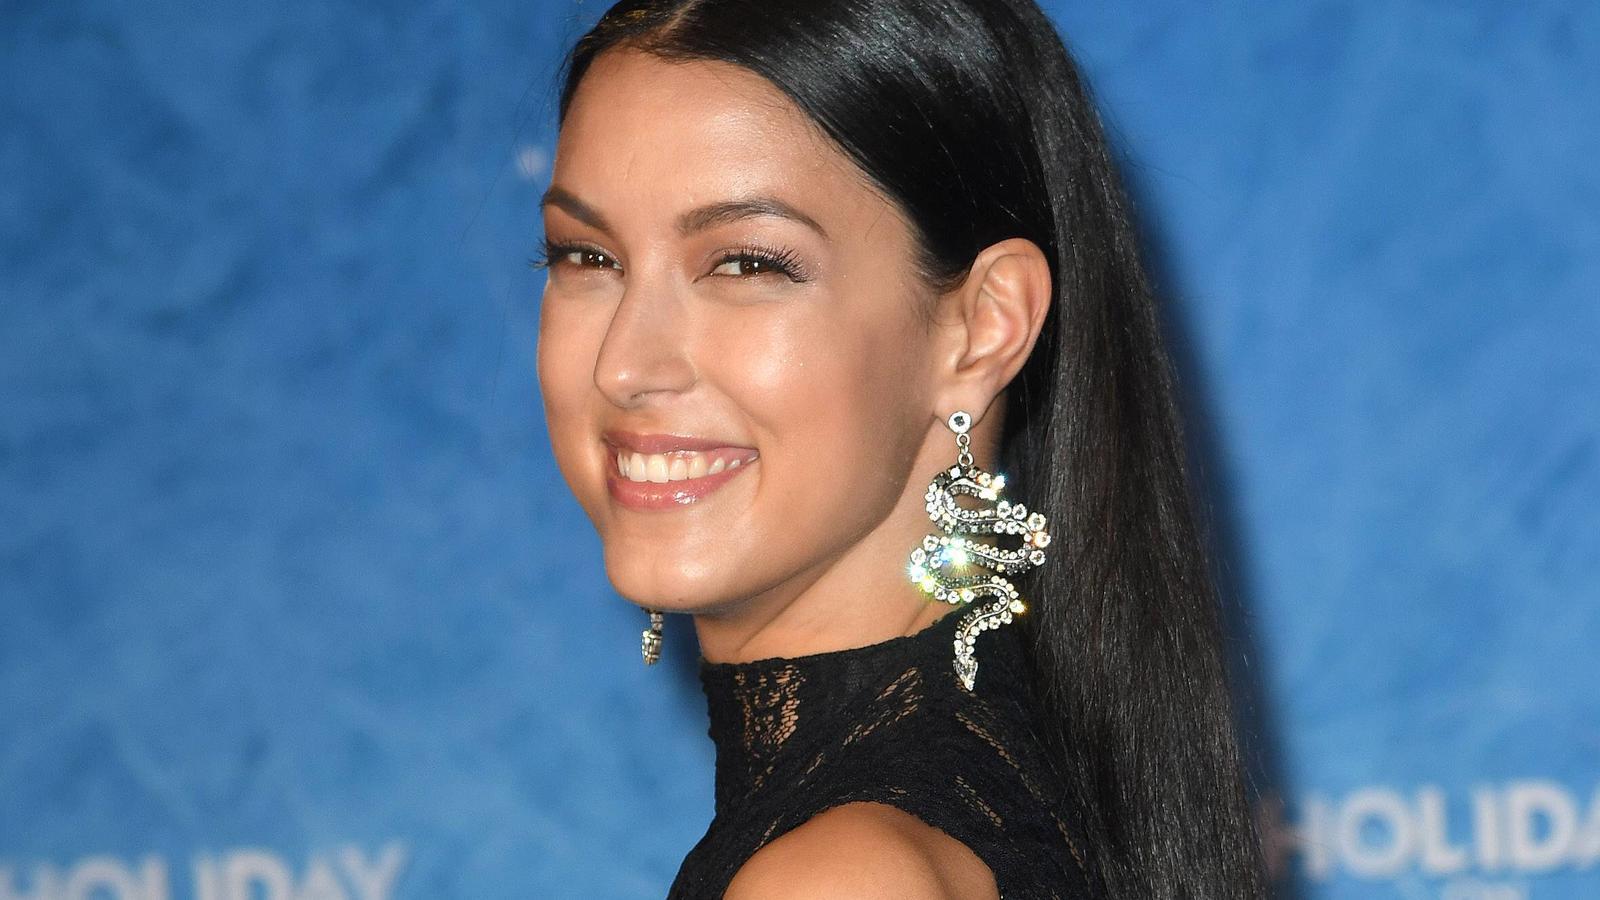 Rebecca Mir ist seit 2015 mit dem Profi-Tänzer Massimo Sinató verheiratet.